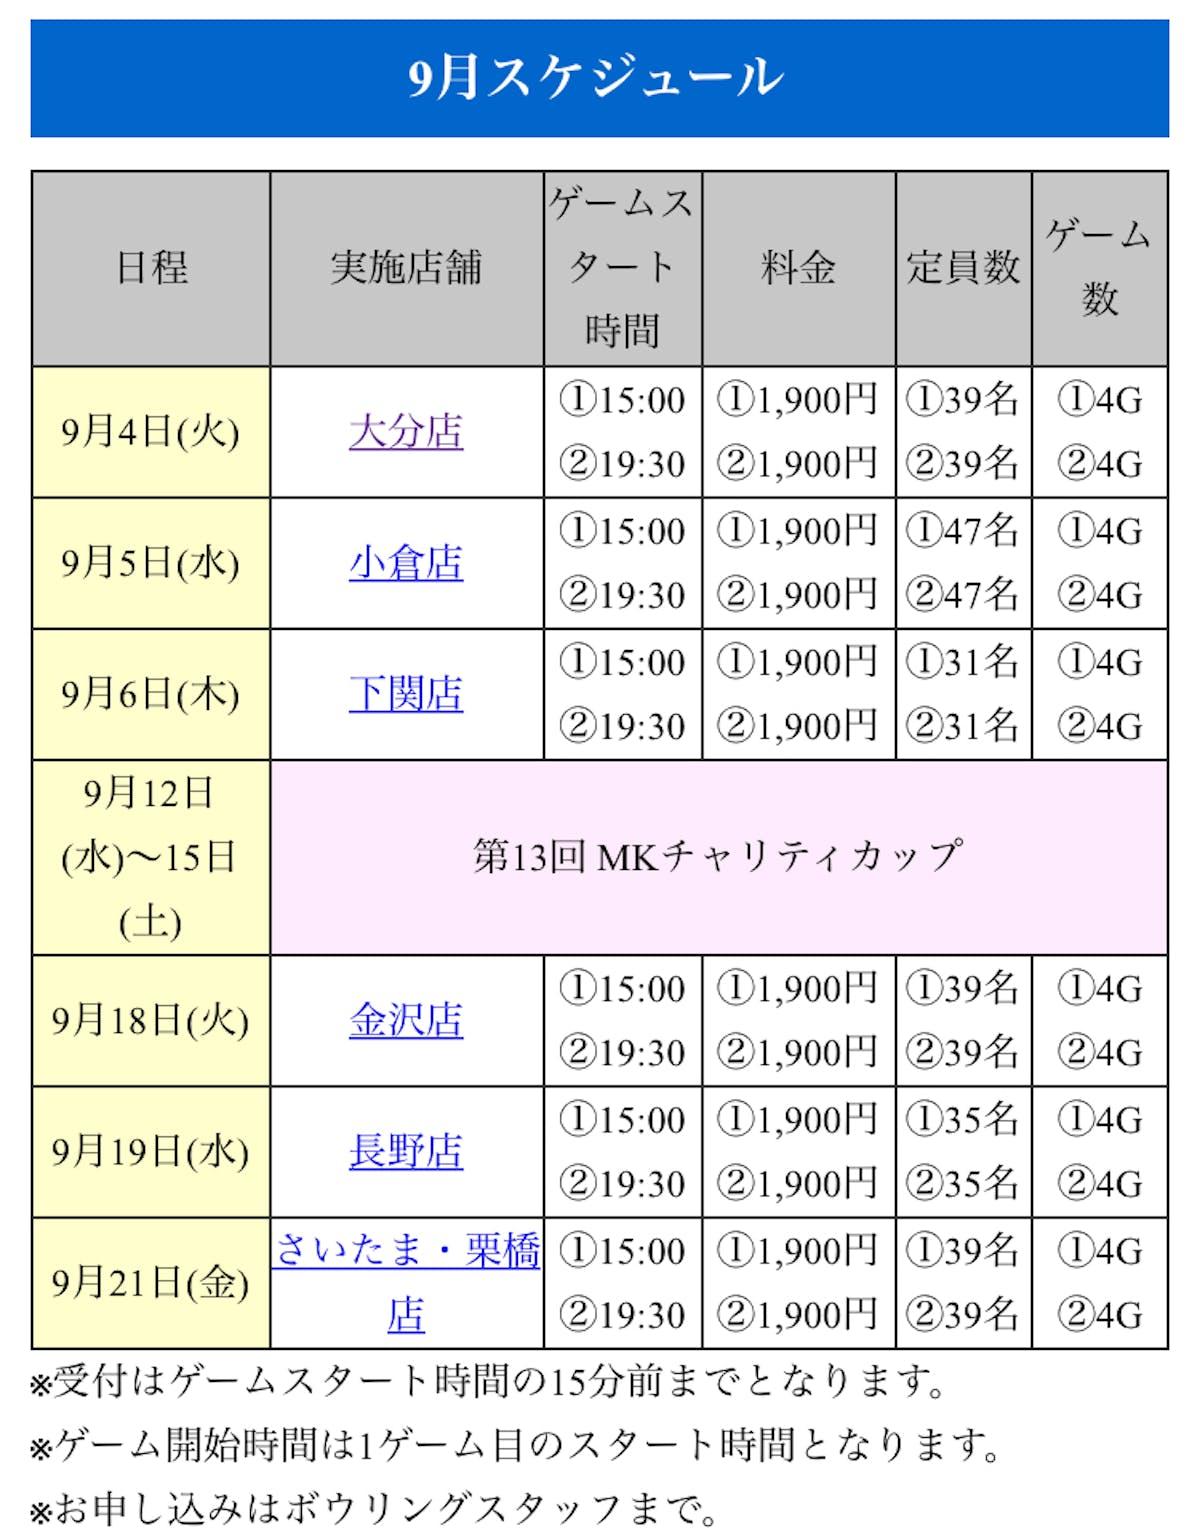 04607A7A-8EC1-409D-9071-D4AB4D20A316.jpeg